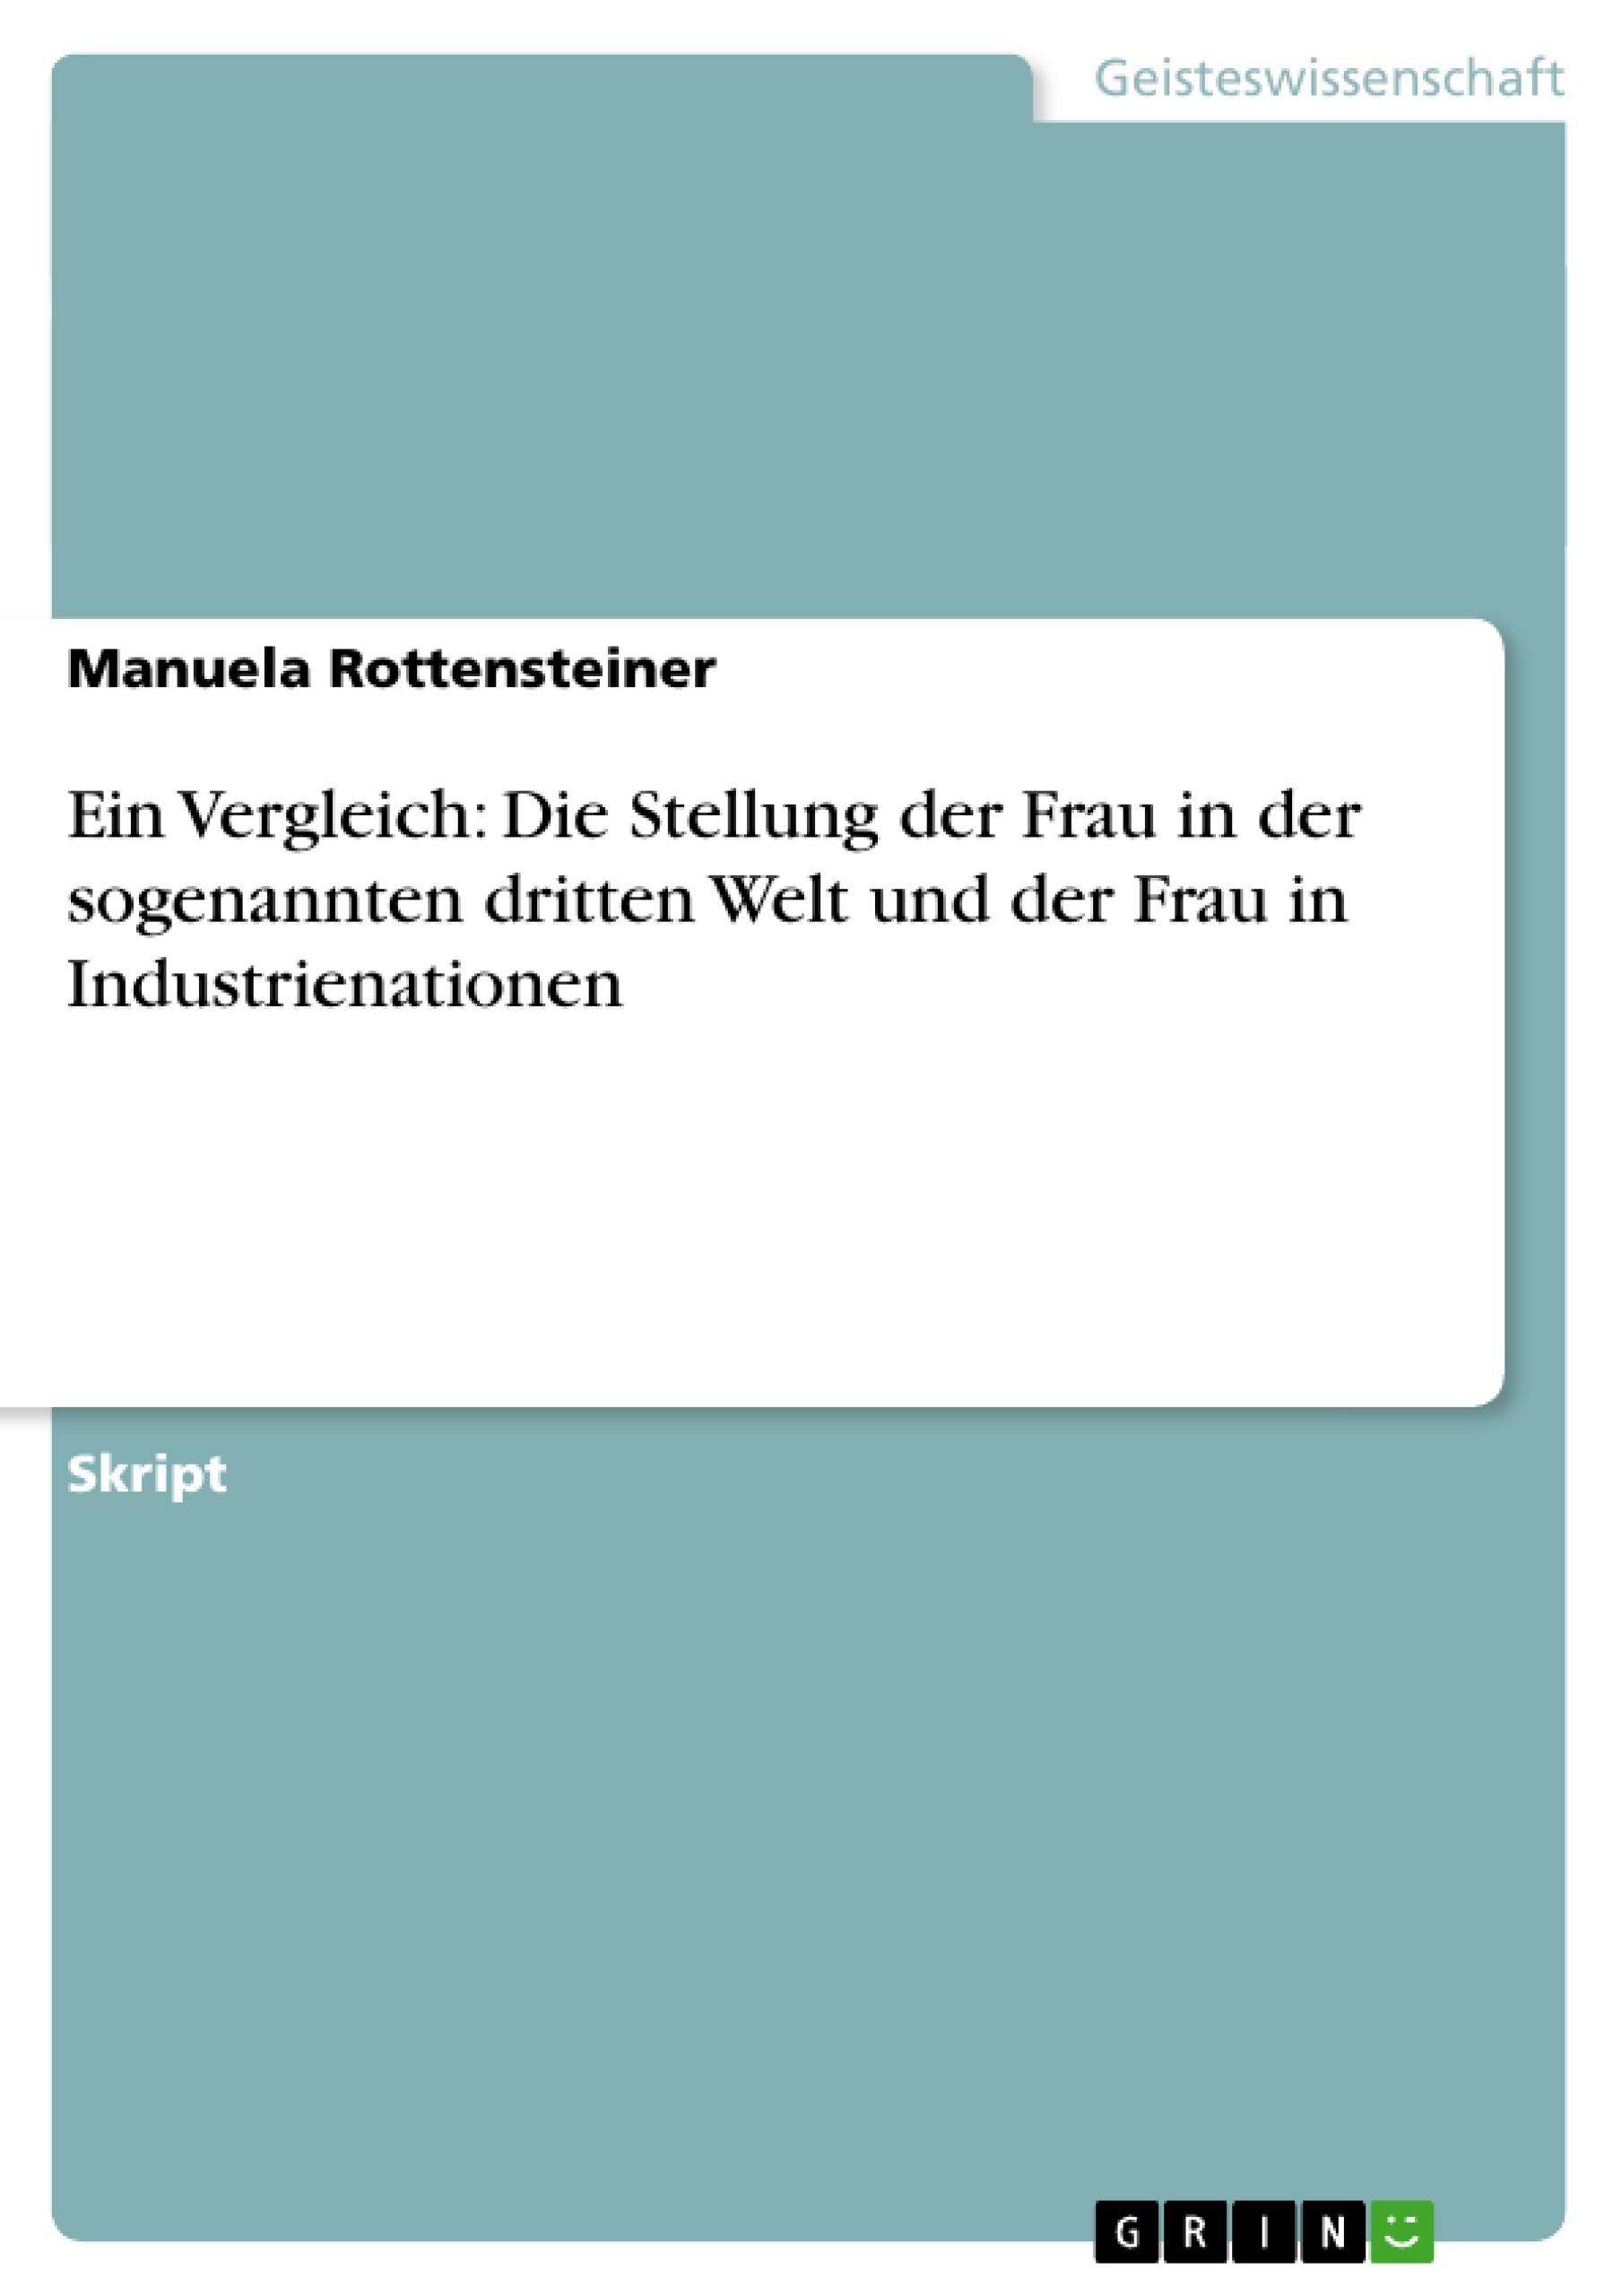 Titel: Ein Vergleich: Die Stellung der Frau in der sogenannten dritten Welt und der Frau in Industrienationen